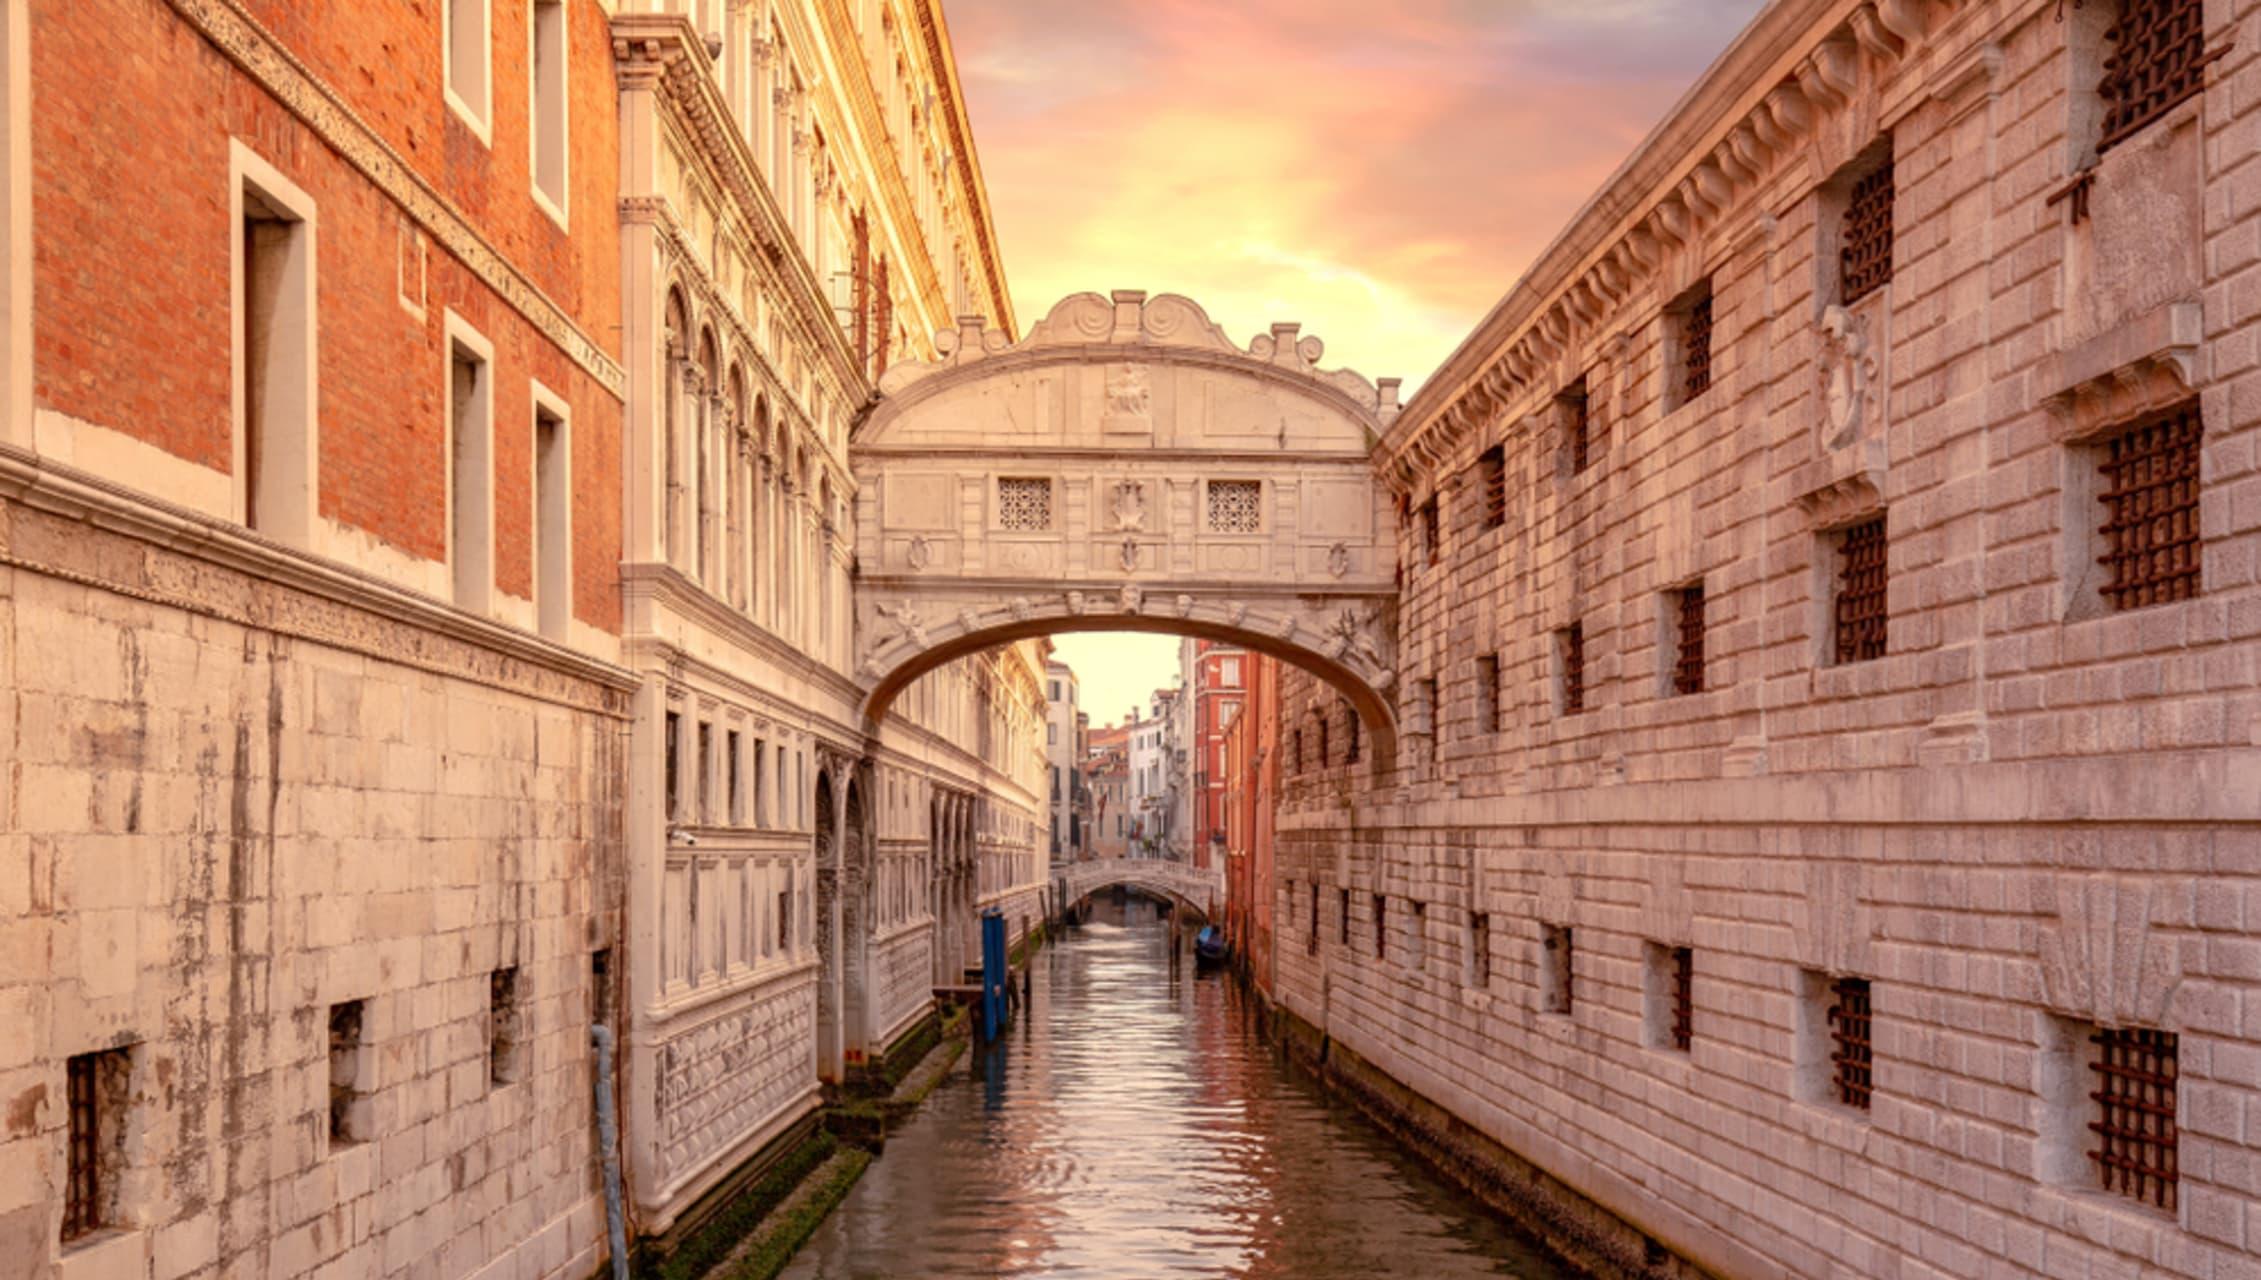 Venice - In The Footsteps Of Casanova In Venice